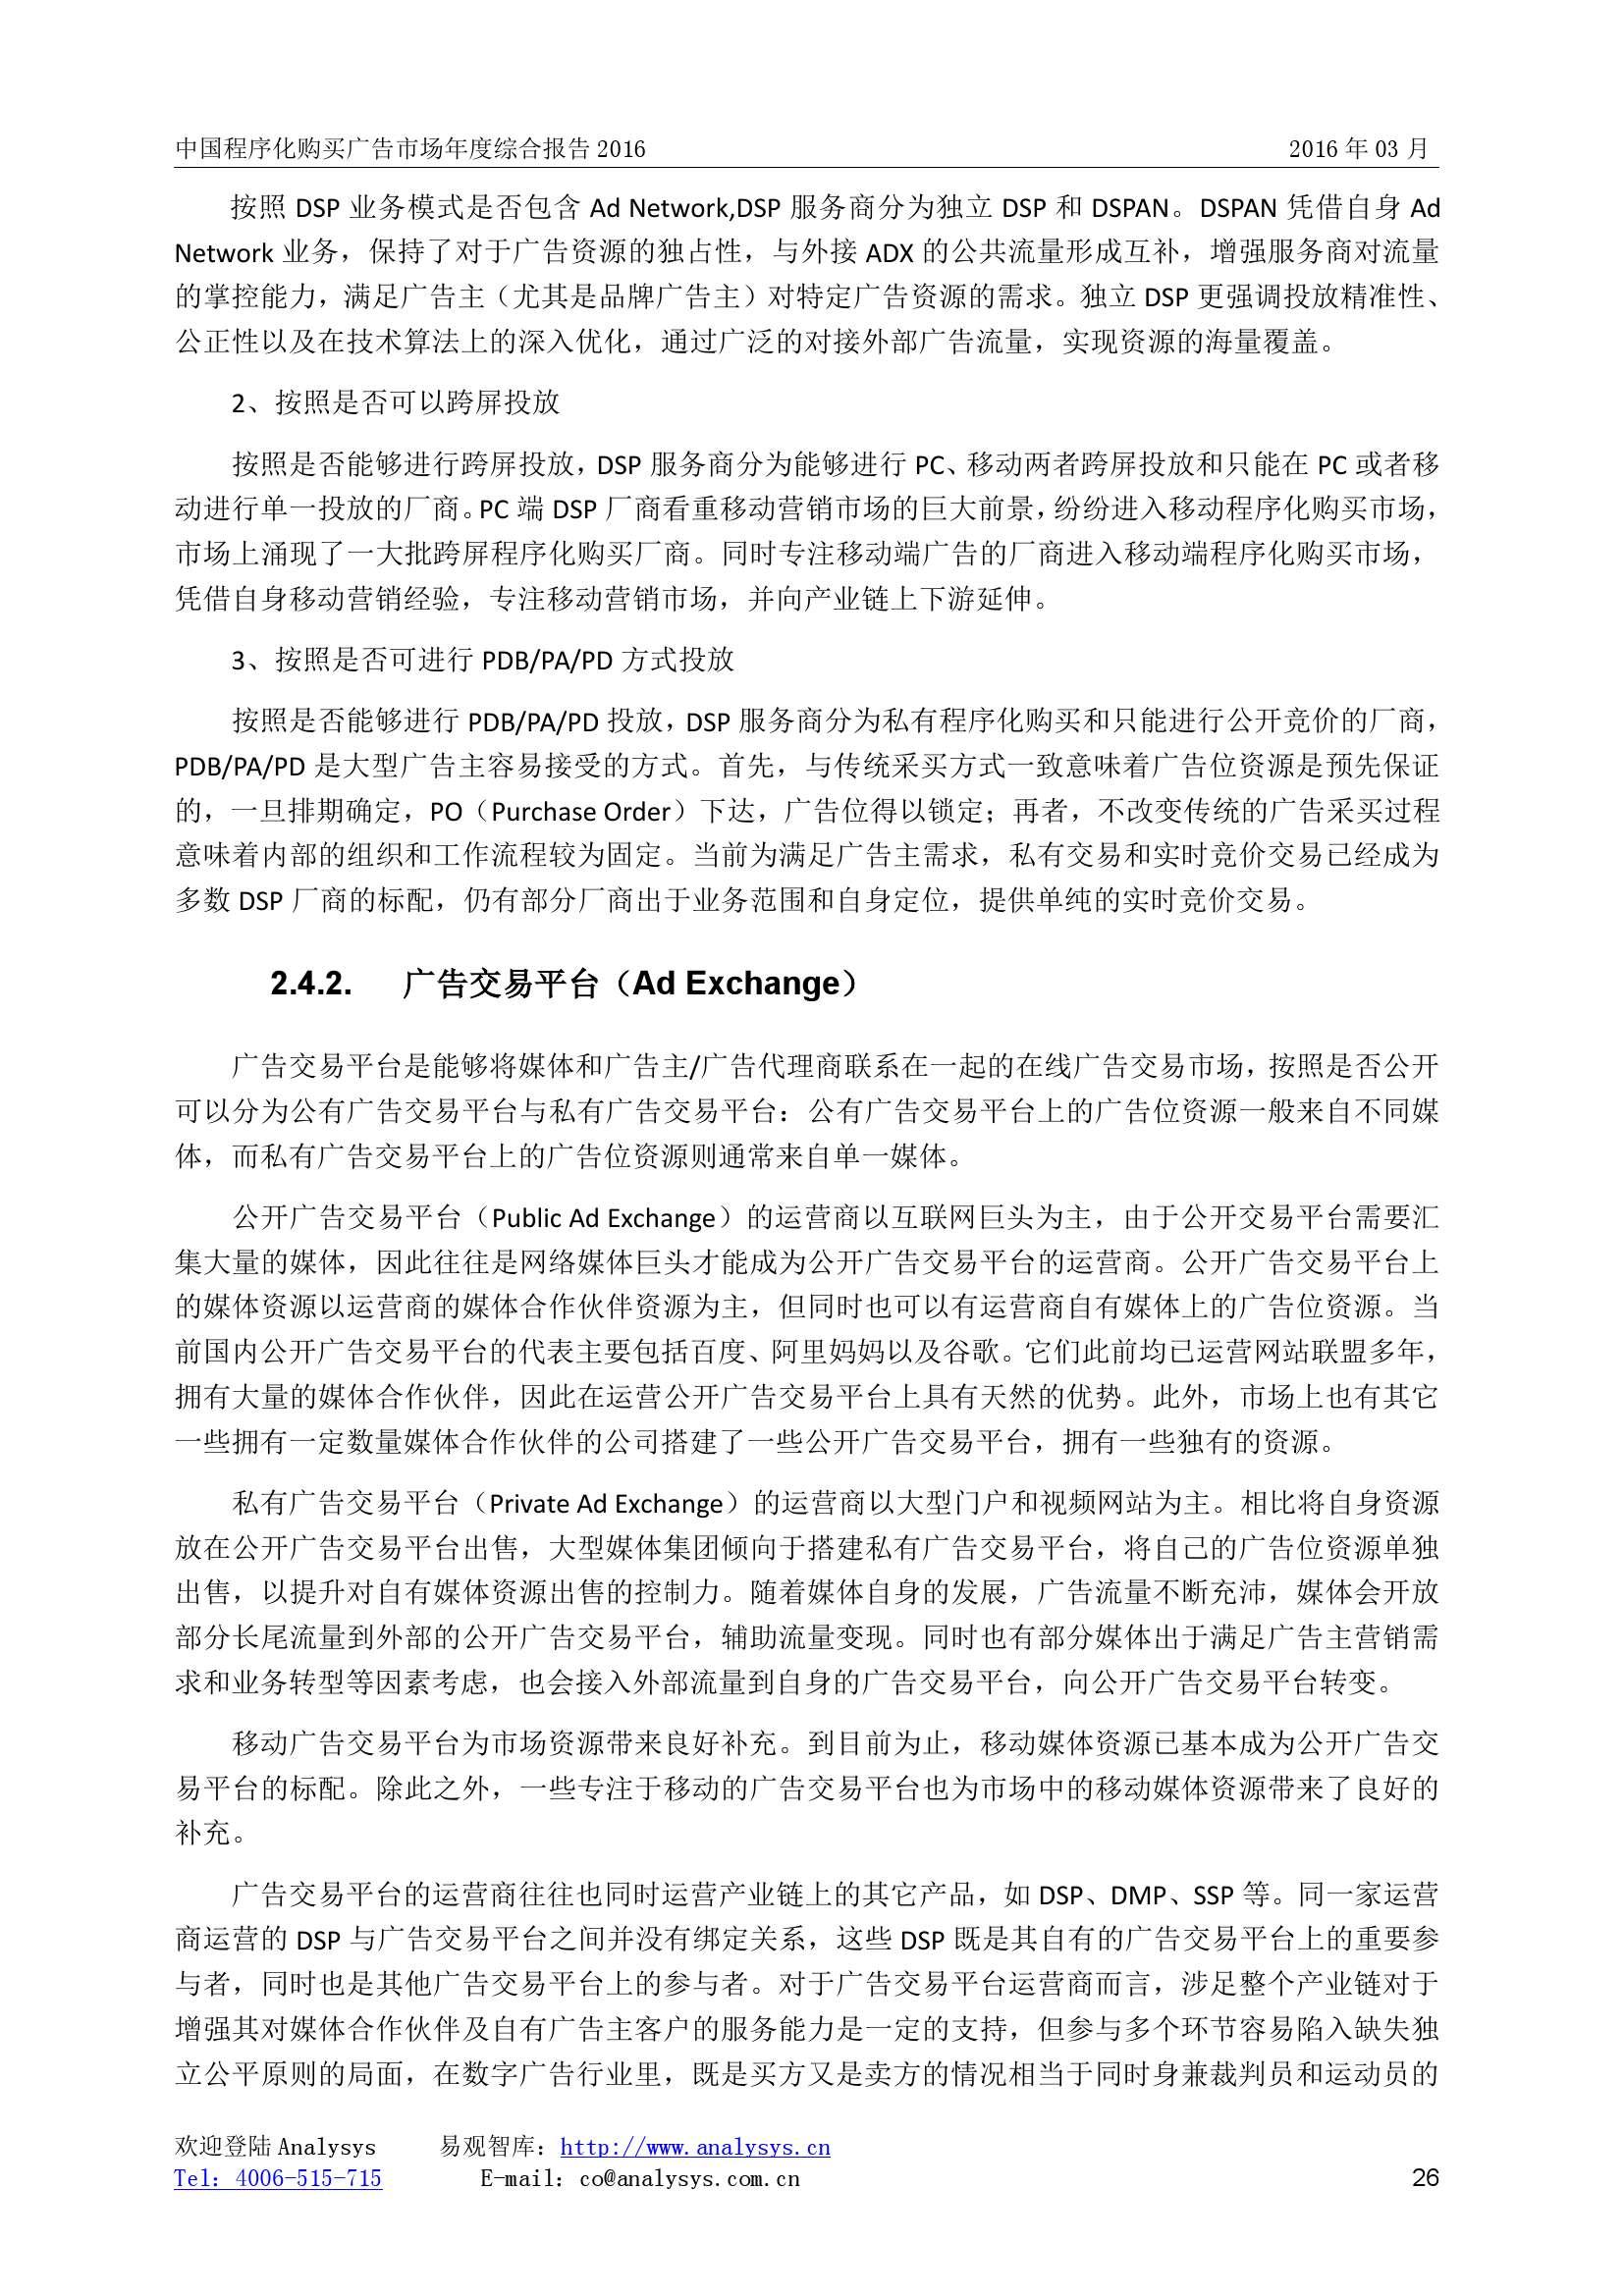 中国程序化购买广告市场年度综合报告2016_000026